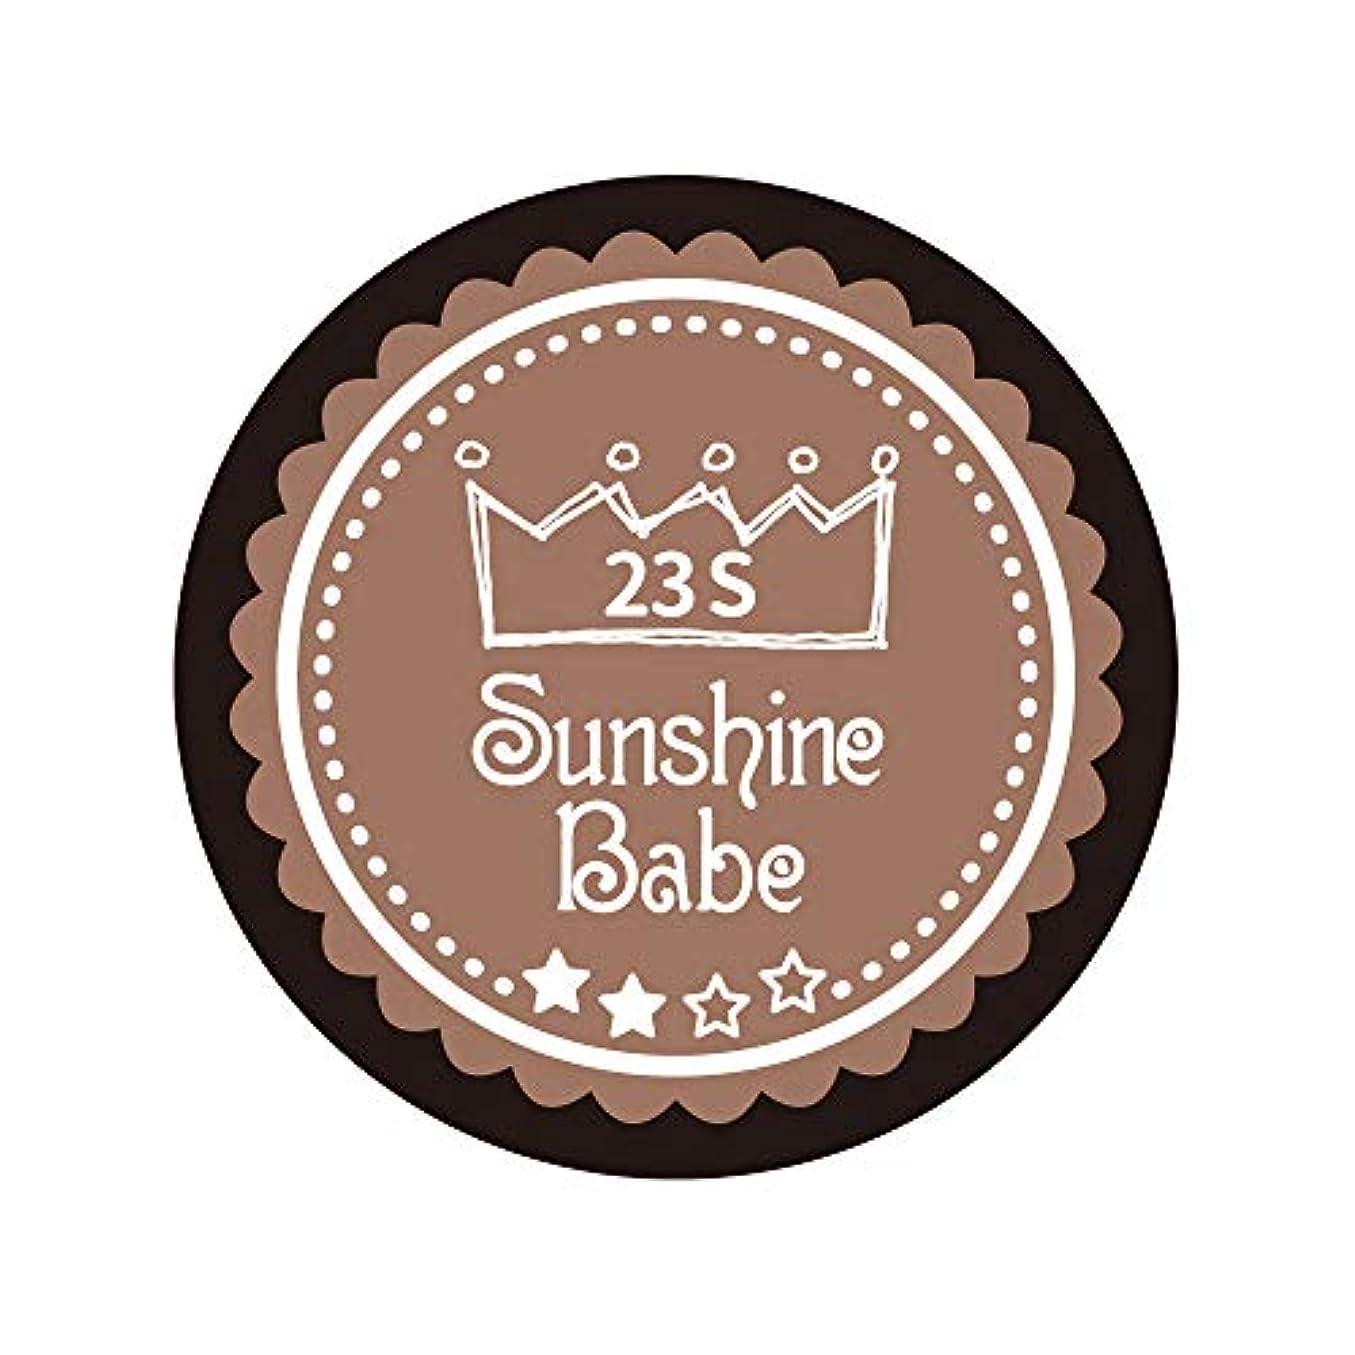 ゲーム広げるリーチSunshine Babe カラージェル 23S パティキュリエール 2.7g UV/LED対応